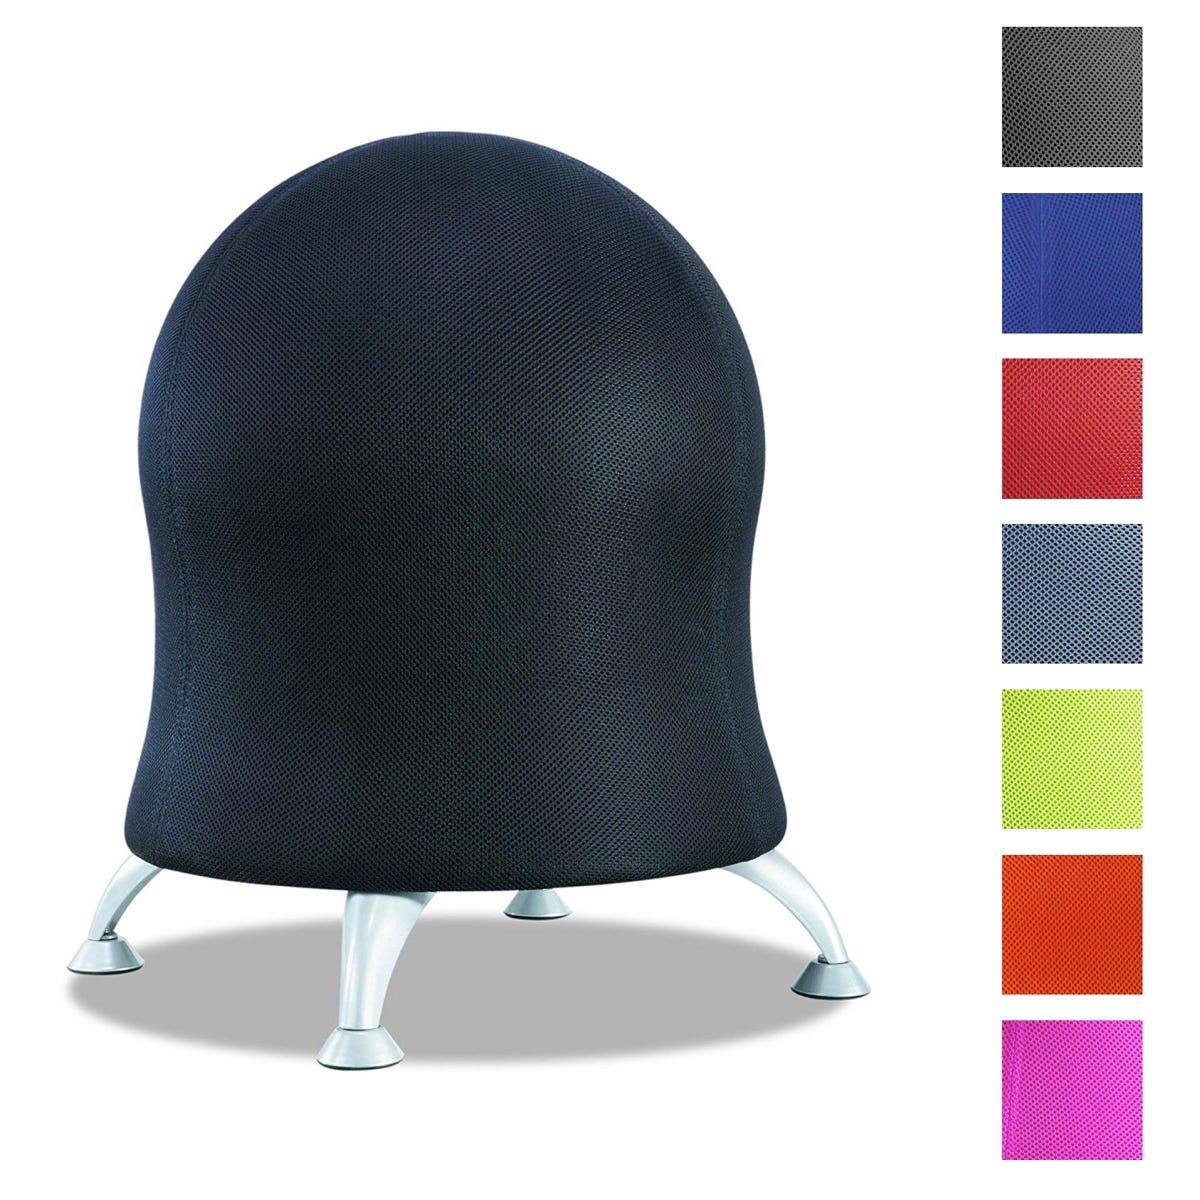 Zenergy Fabric Ball Chair